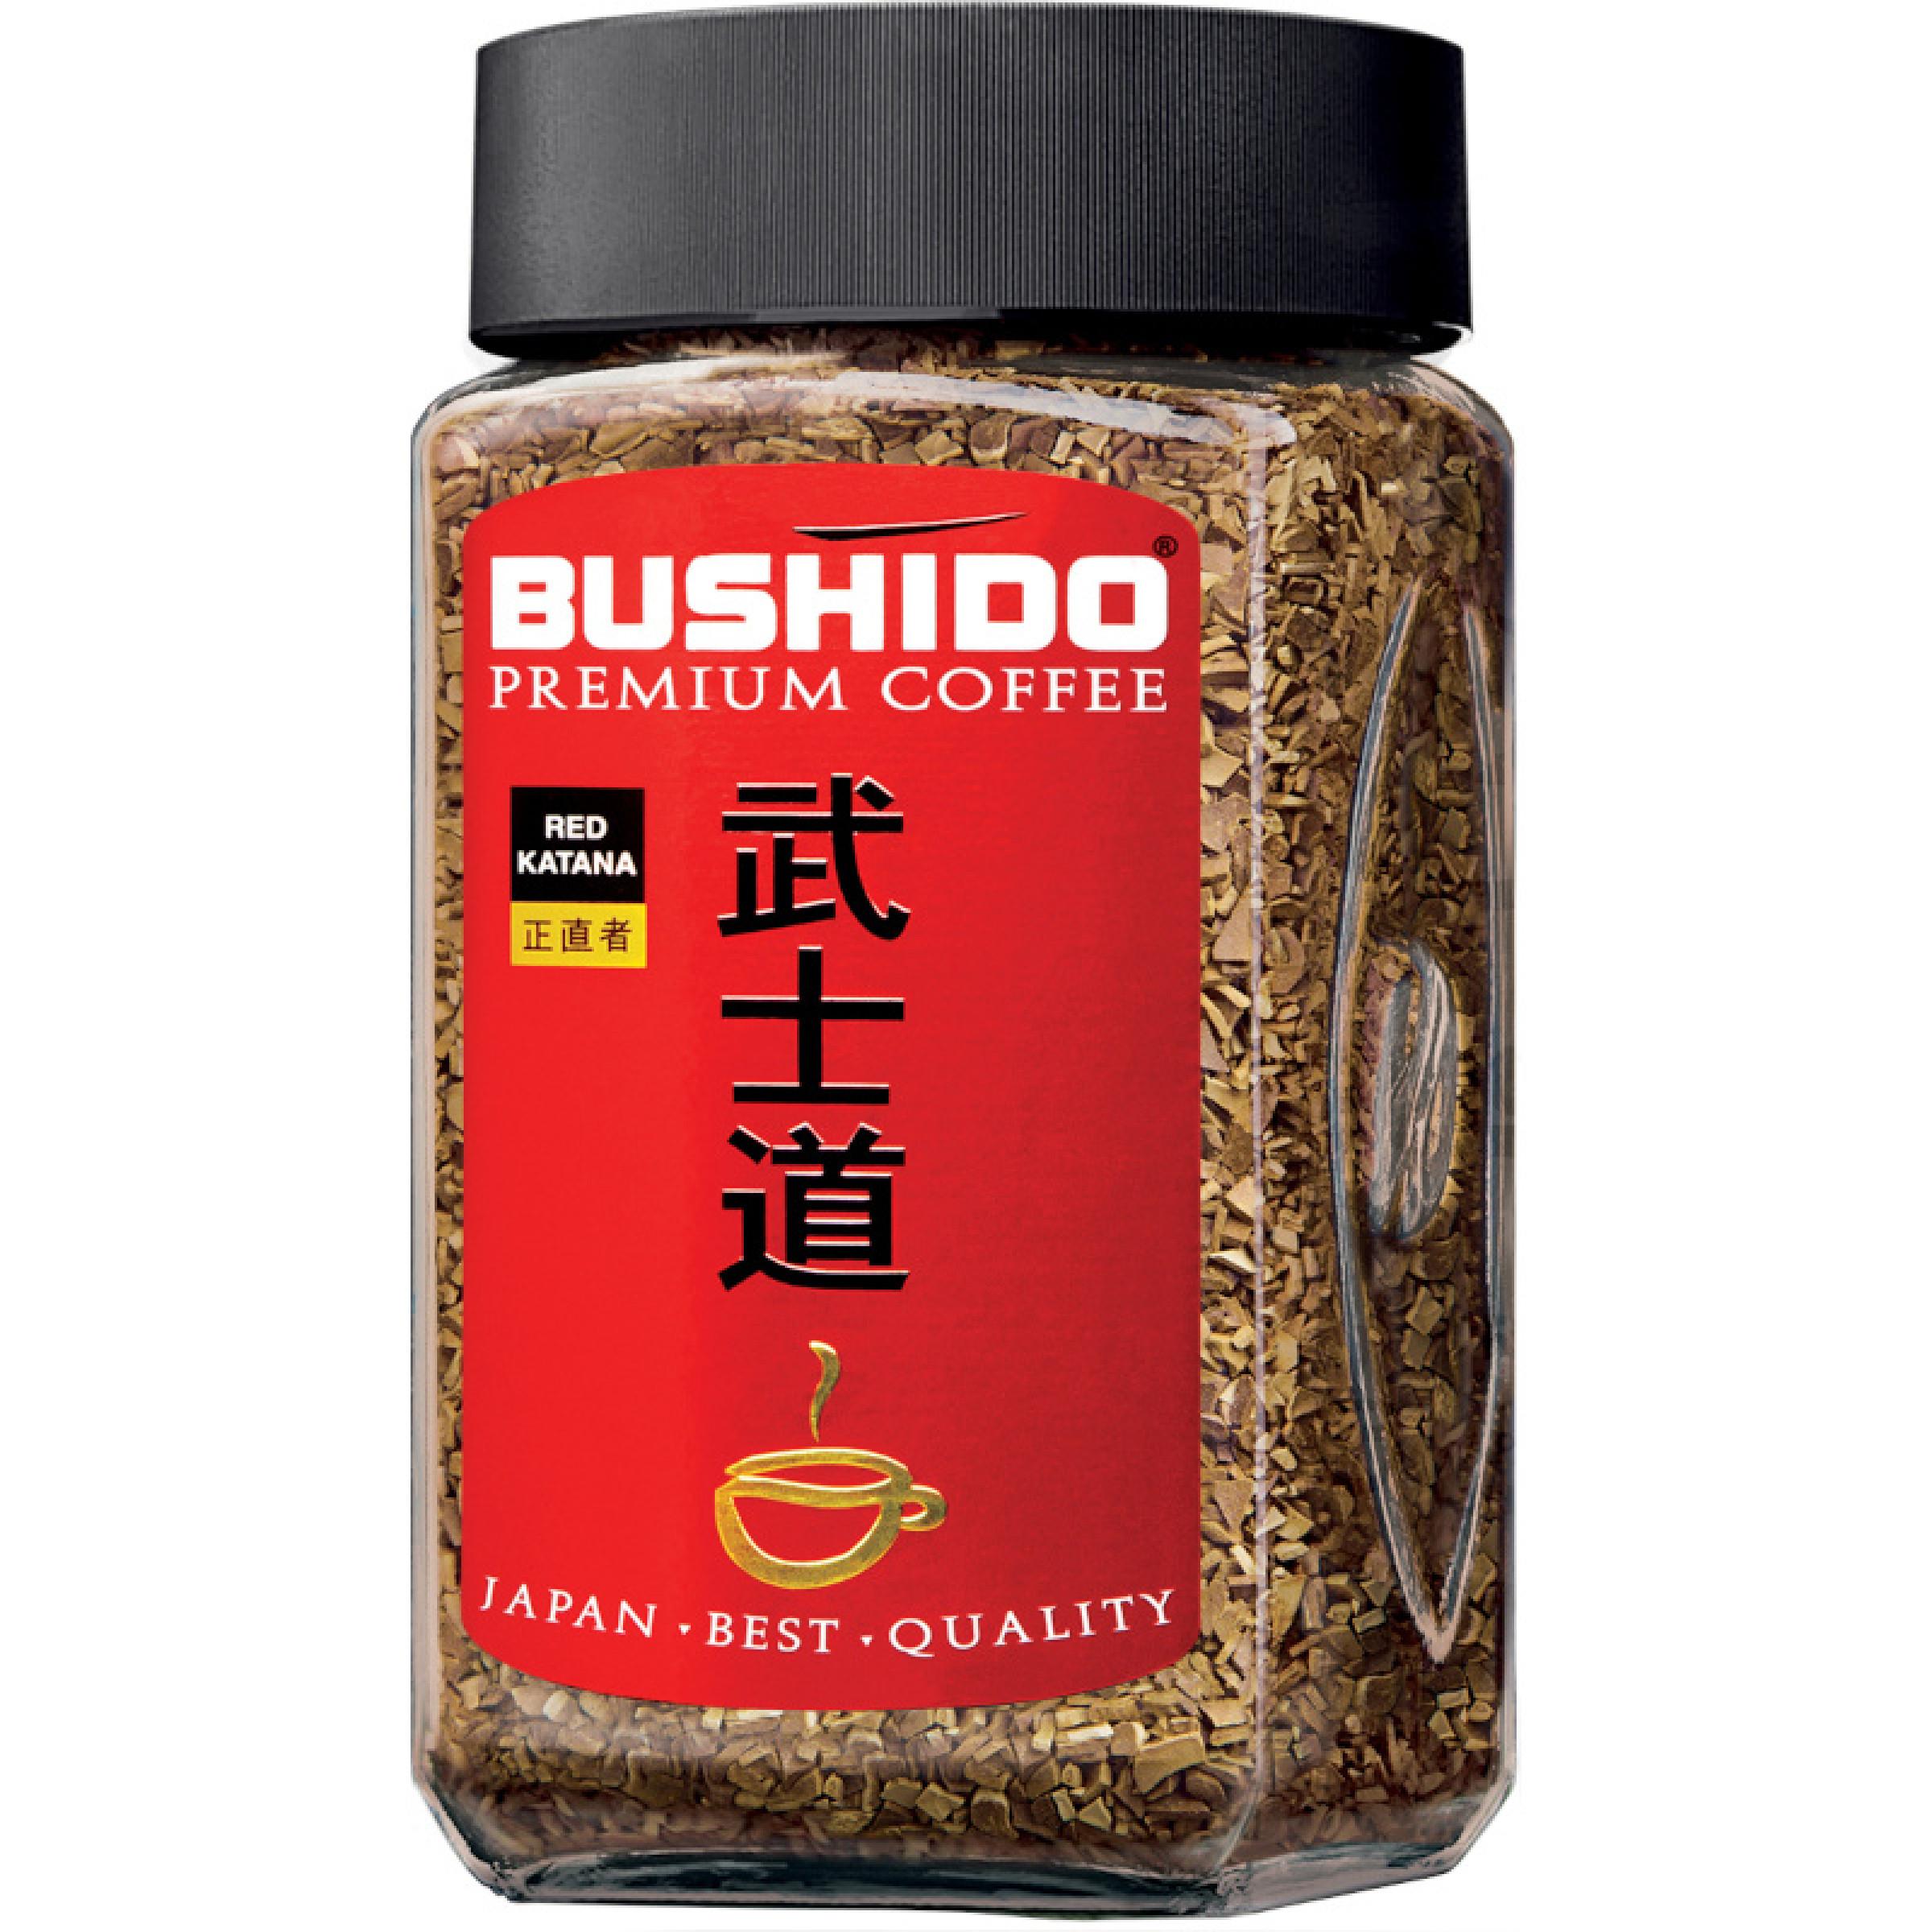 Кофе Bushido Red Katana растворимый, 100 гр